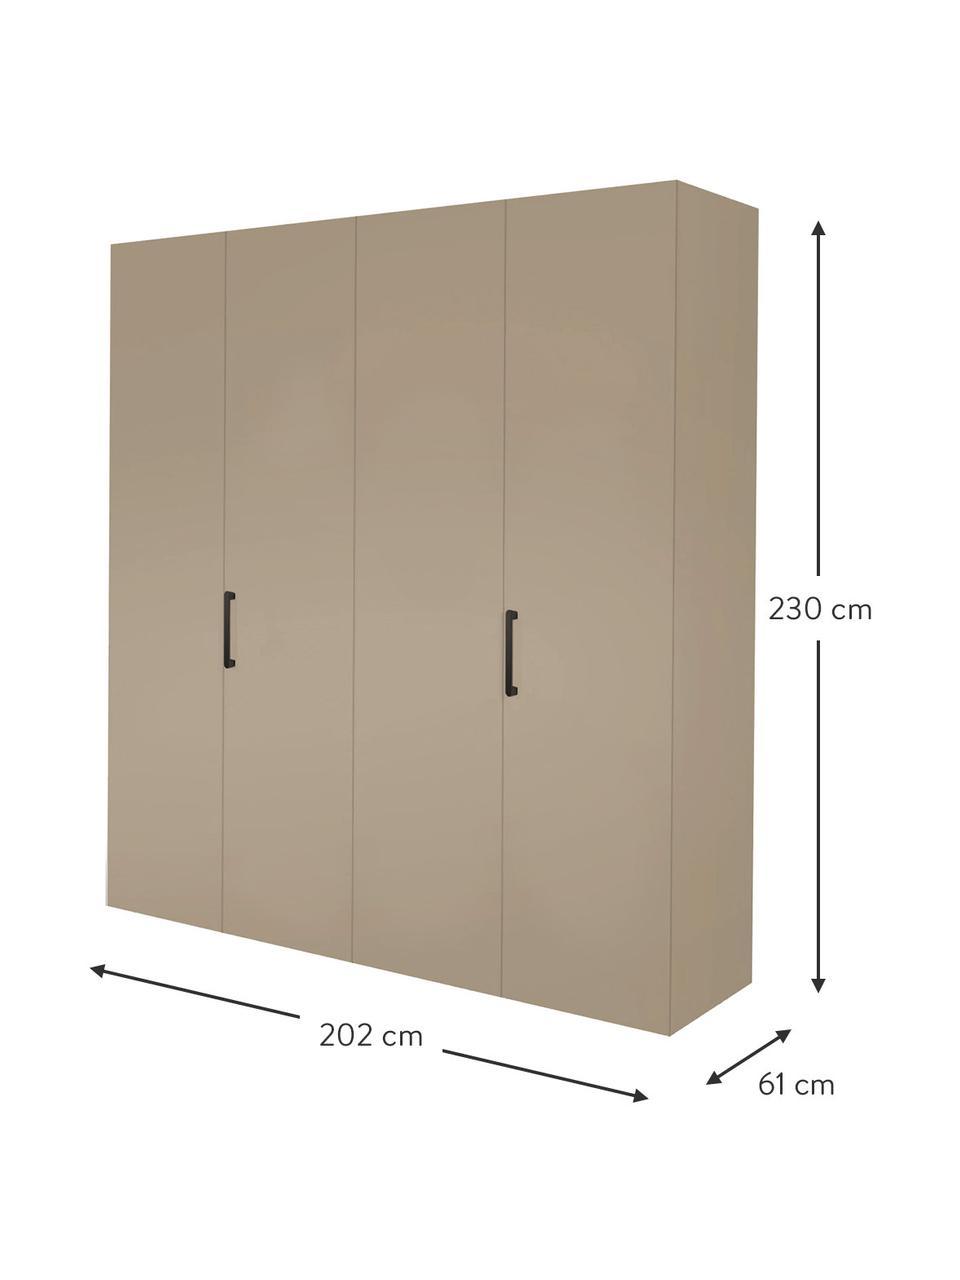 Kleiderschrank Madison 4-türig, inkl. Montageservice, Korpus: Holzwerkstoffplatten, lac, Sandfarben, Ohne Spiegeltür, 202 x 230 cm